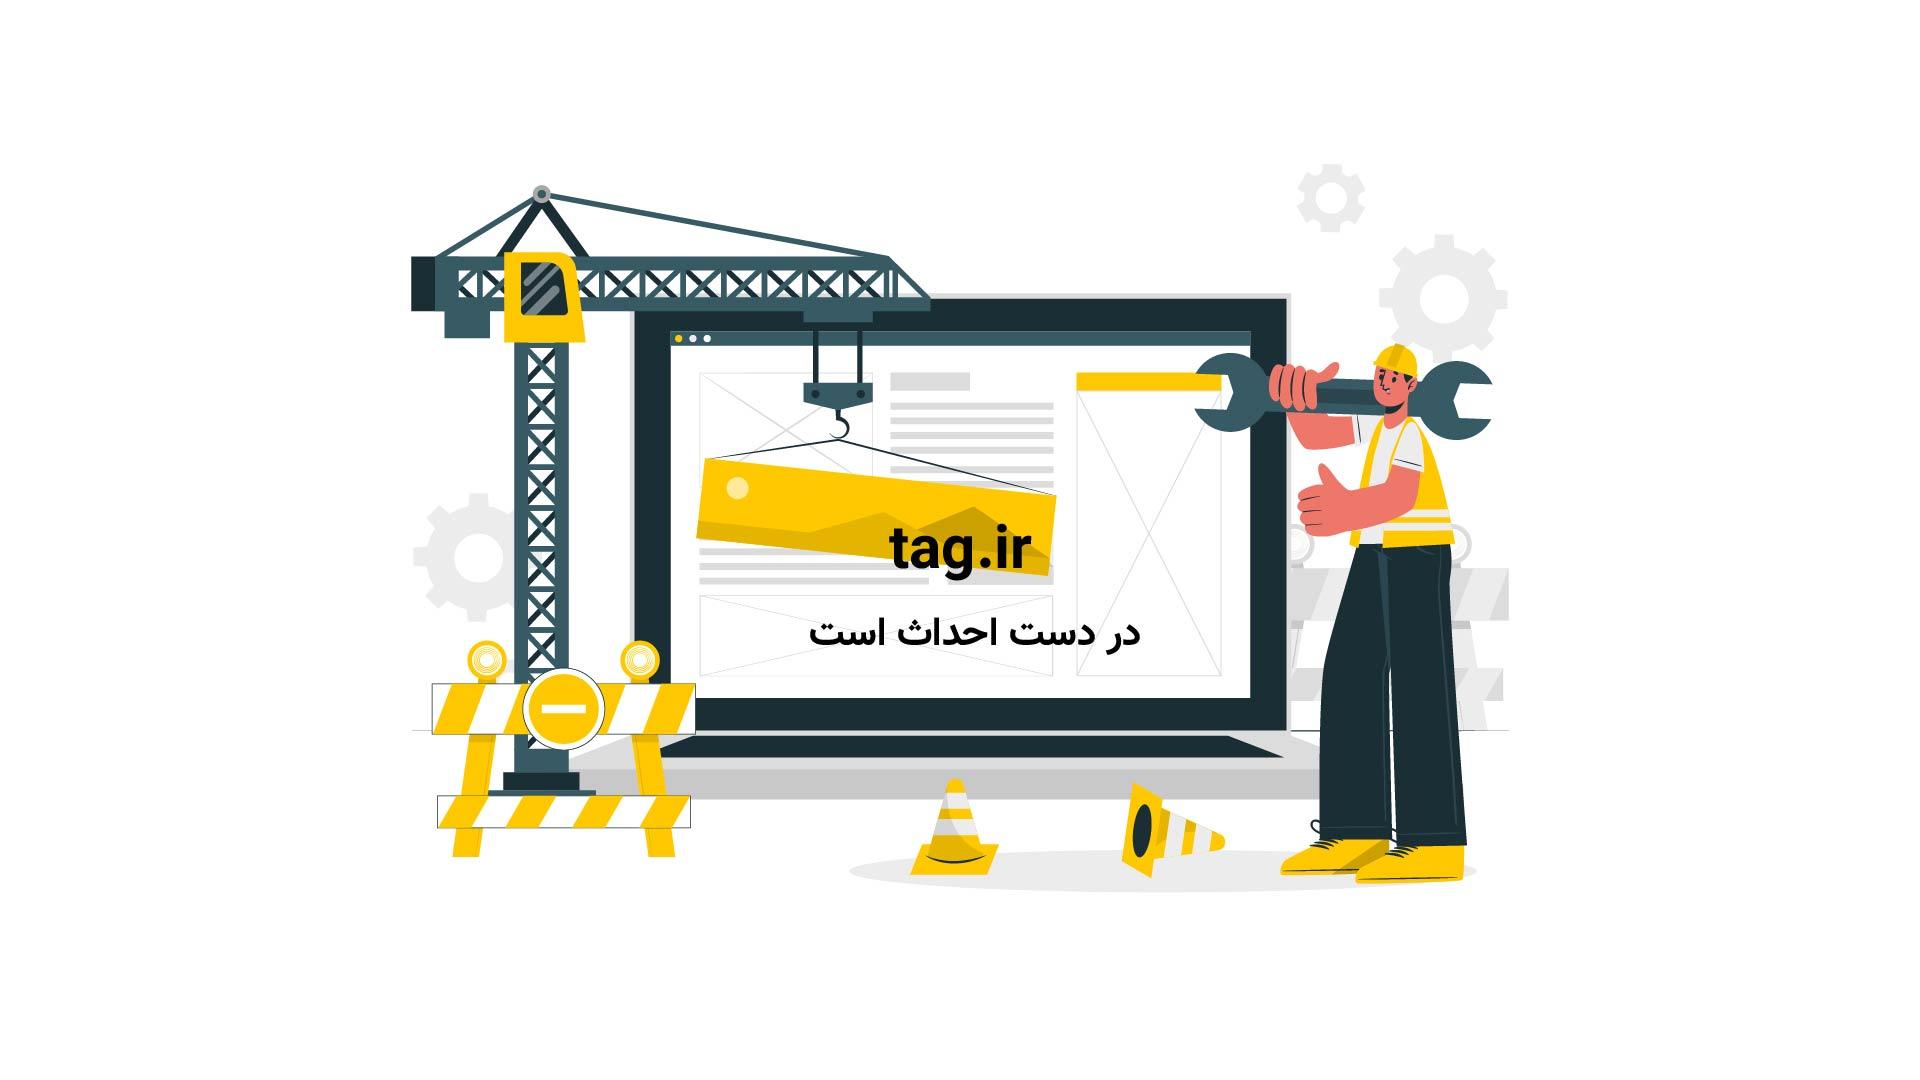 صحبتهای محمدرضا شریفینیا راجع به شایعات مربوط به باند بازیاش در سینما   فیلم